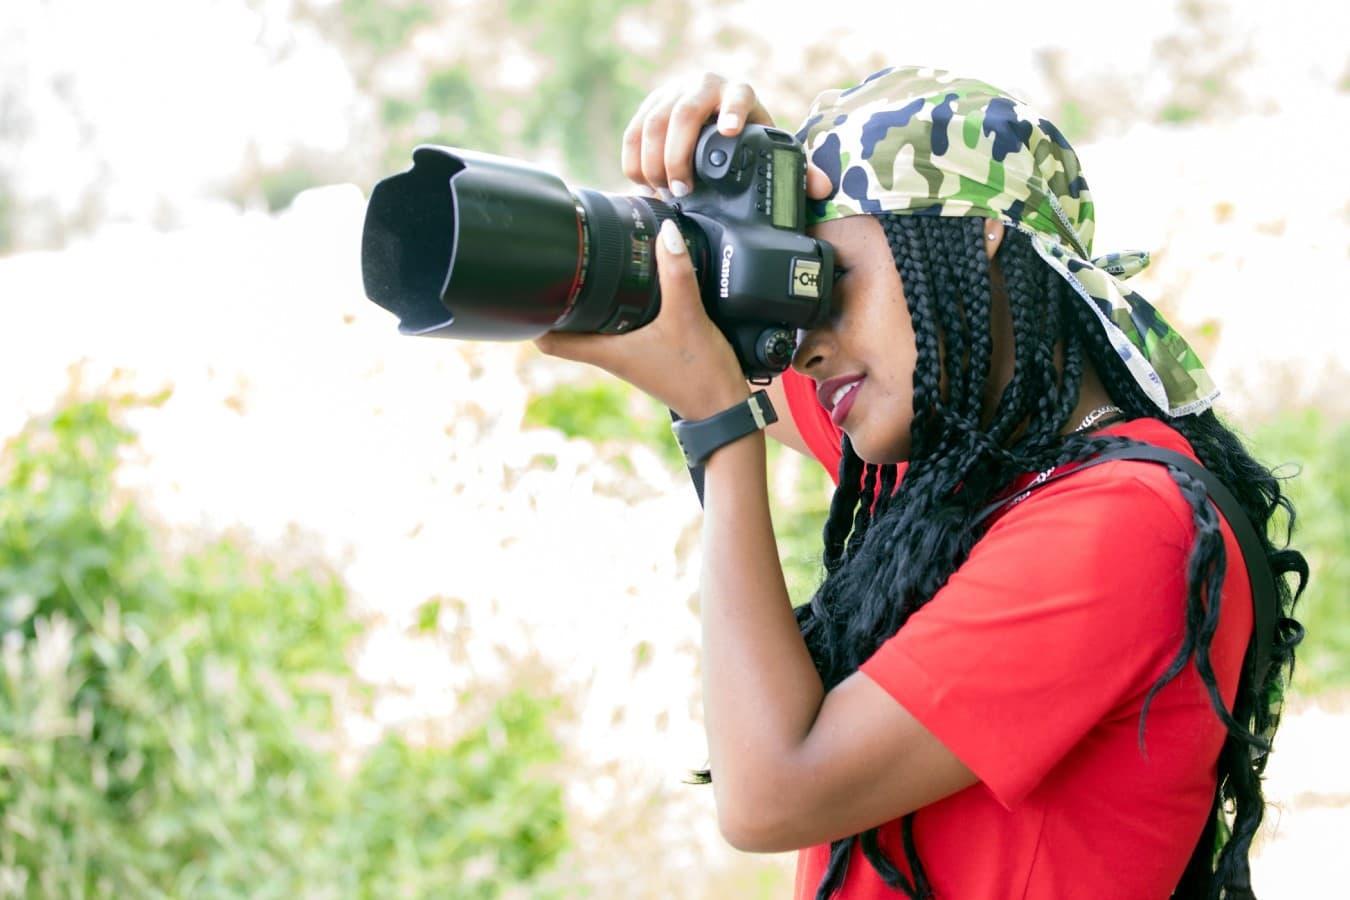 persoon met grote camera